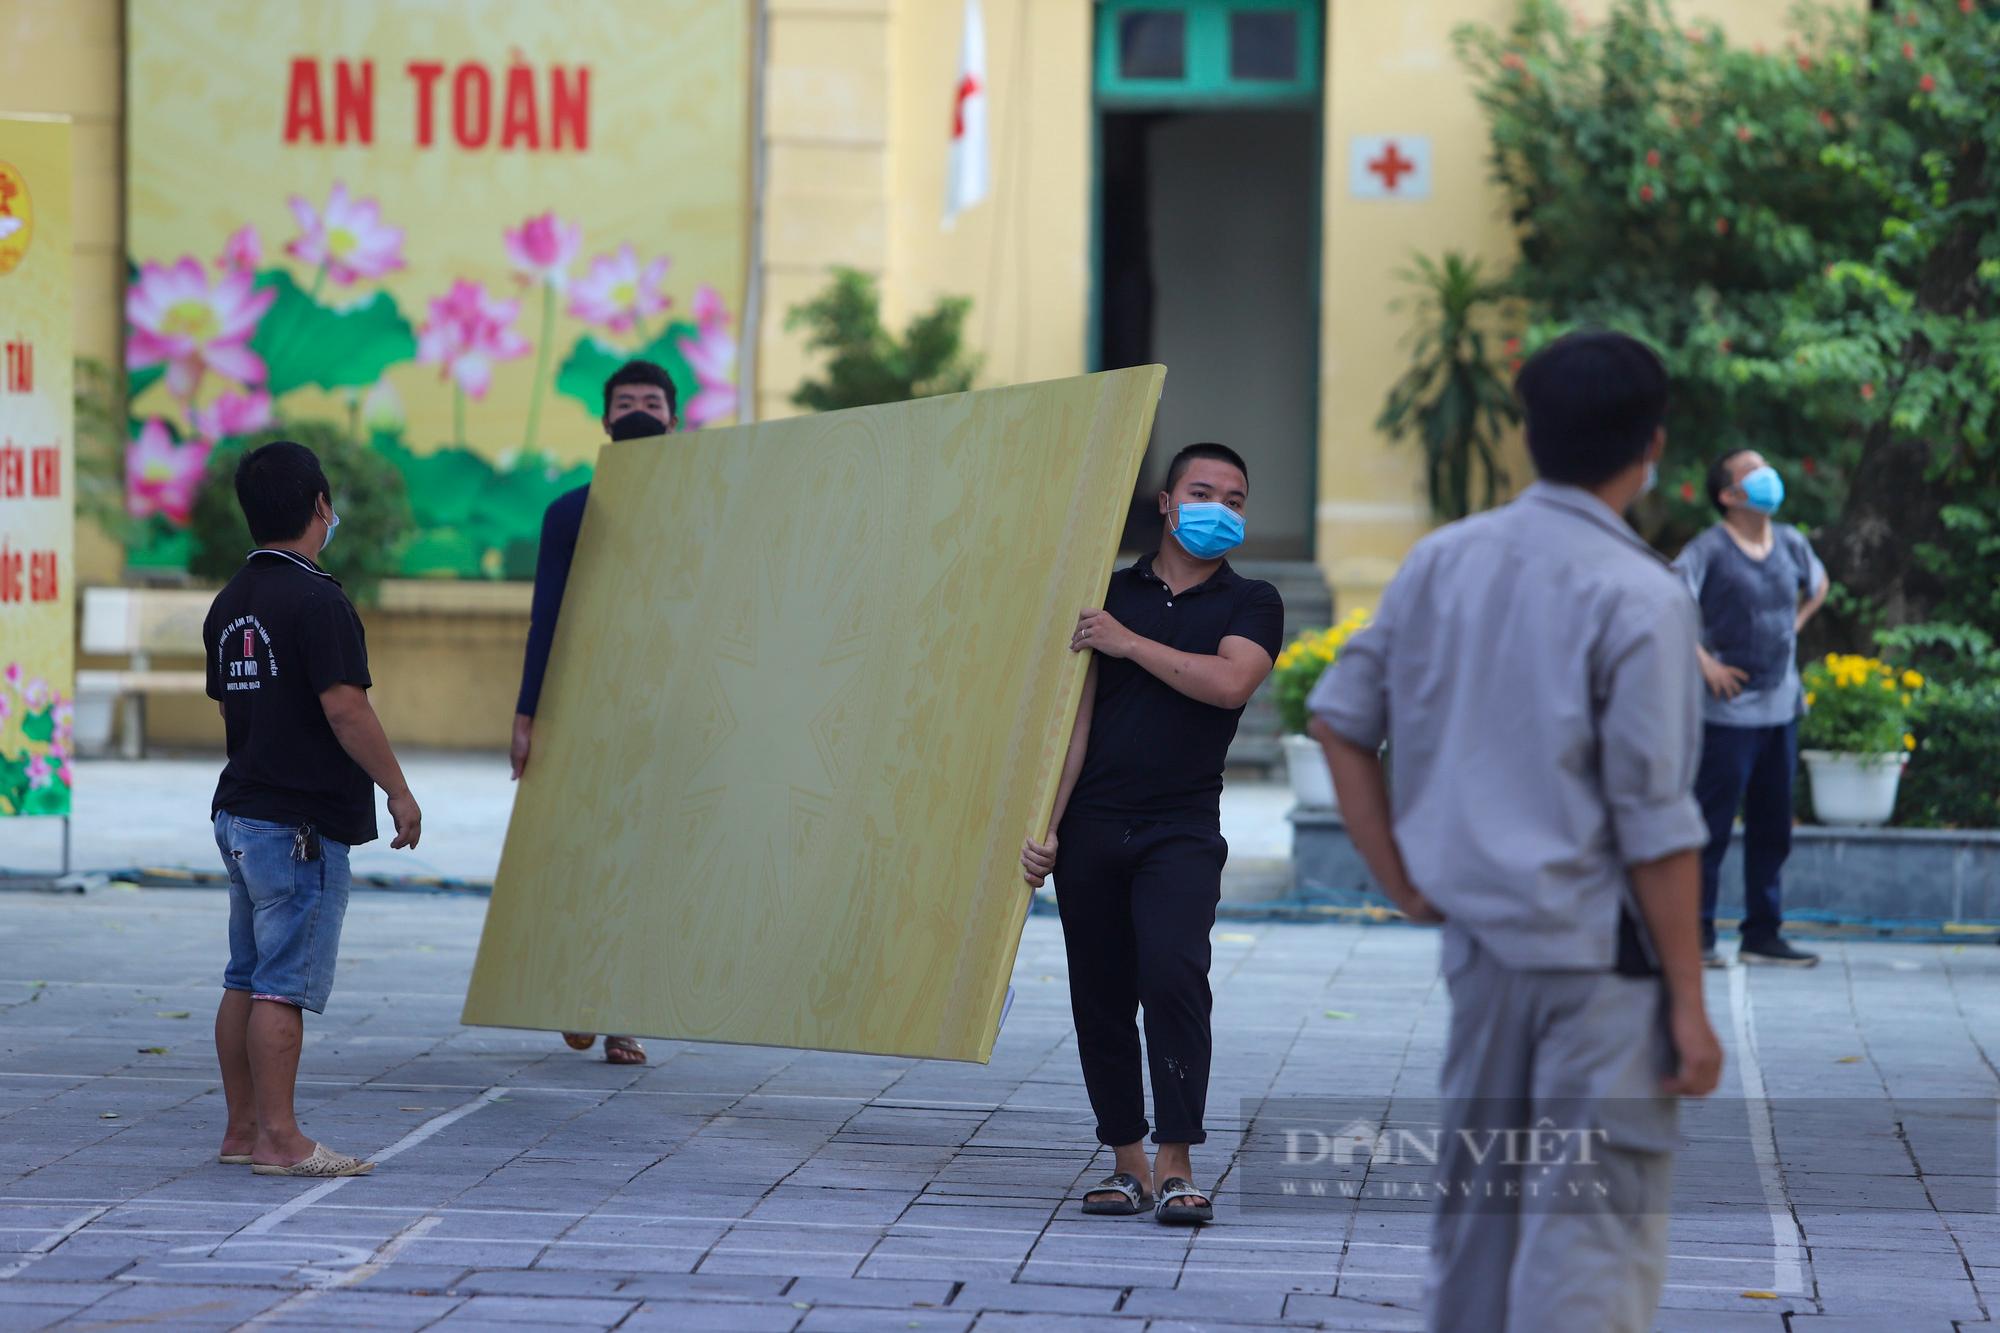 Hà Nội: Gấp rút chuẩn bị cho Lễ khai giảng online đặc biệt của Thủ đô - Ảnh 6.